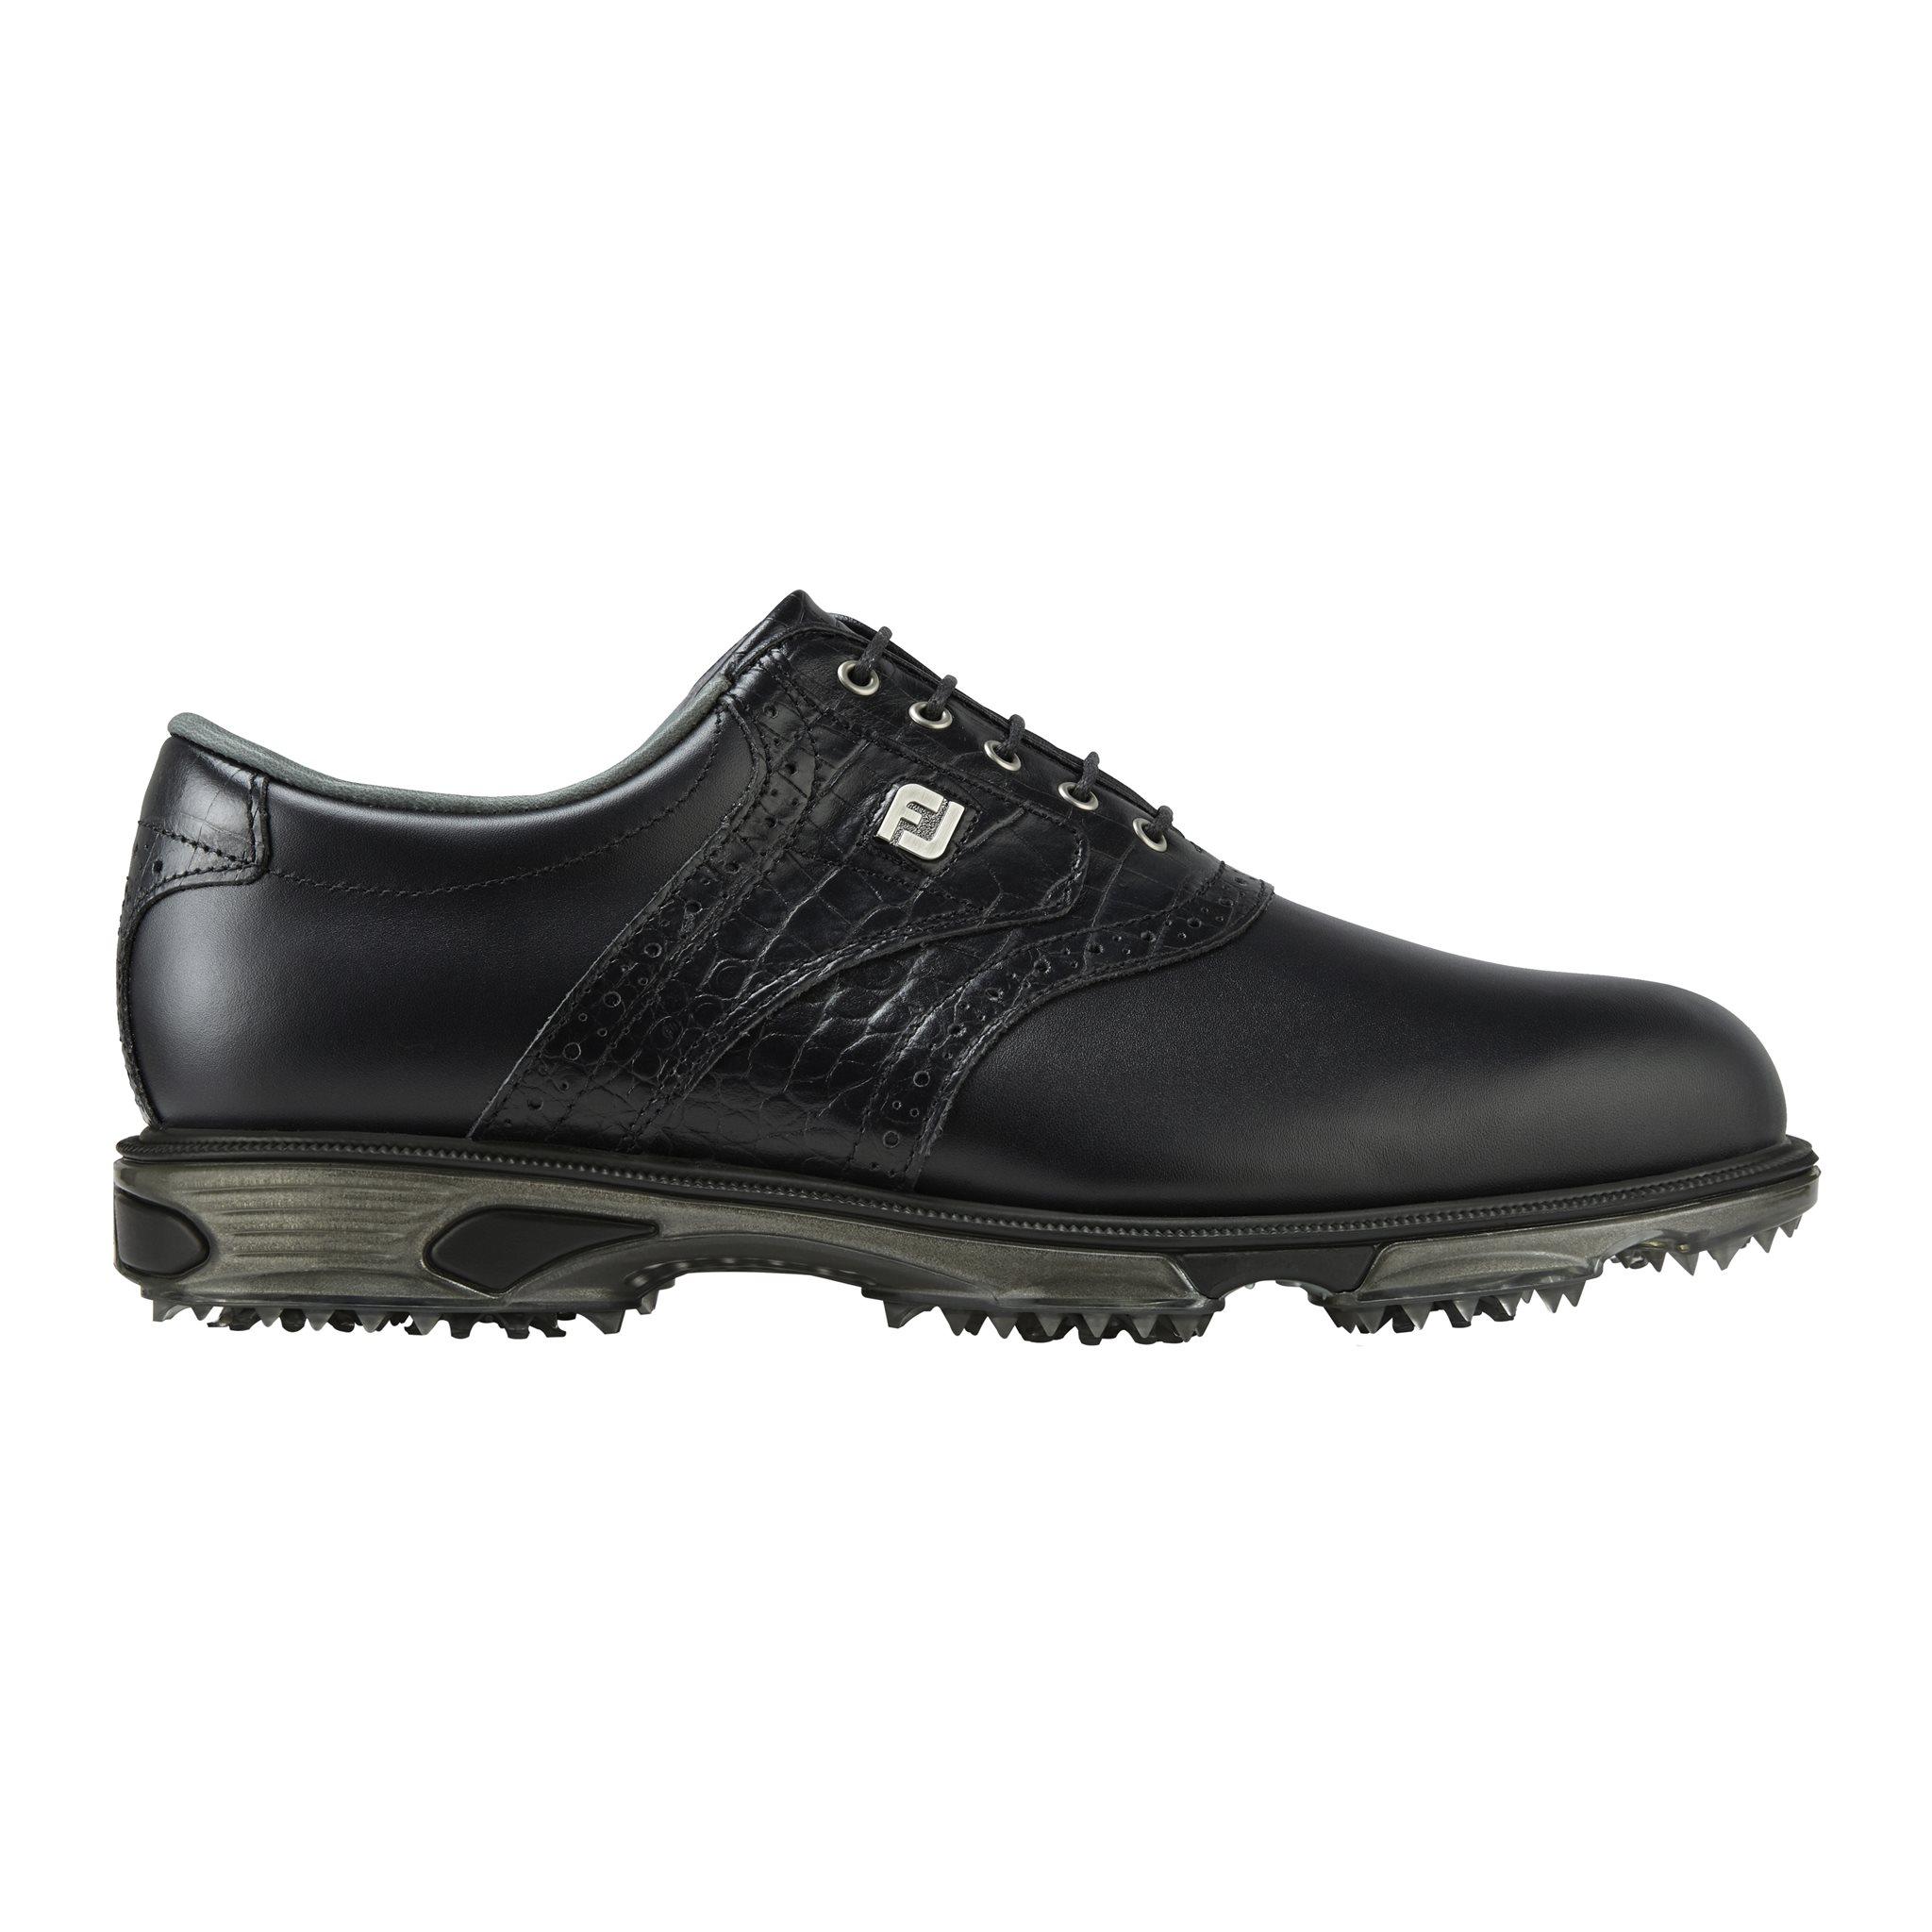 FootJoy heren golfschoenen DryJoys Tour SMAL zwart